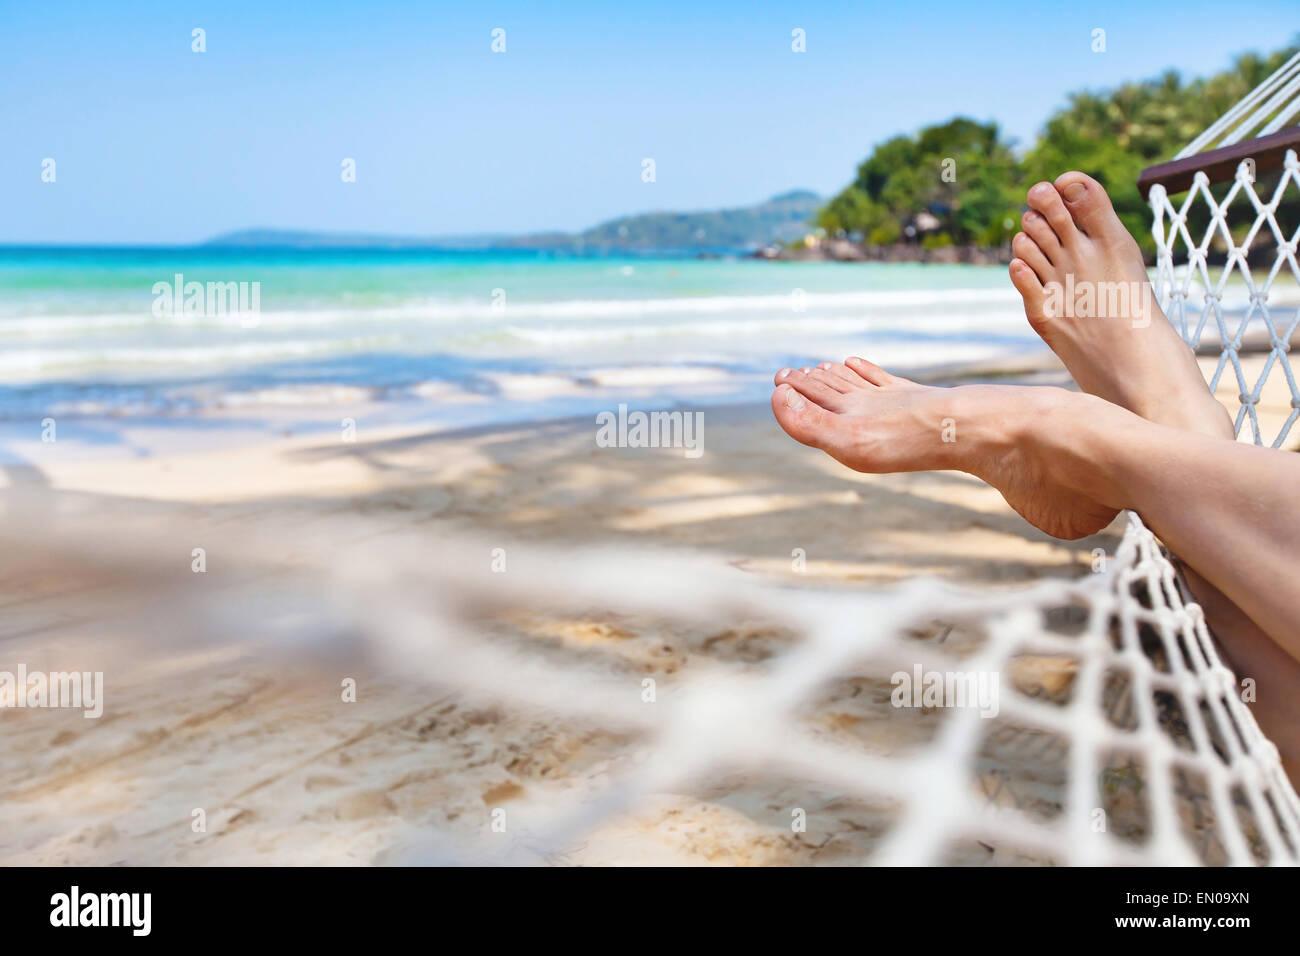 Entspannen in der Hängematte am Strand schöne Paradies Stockbild